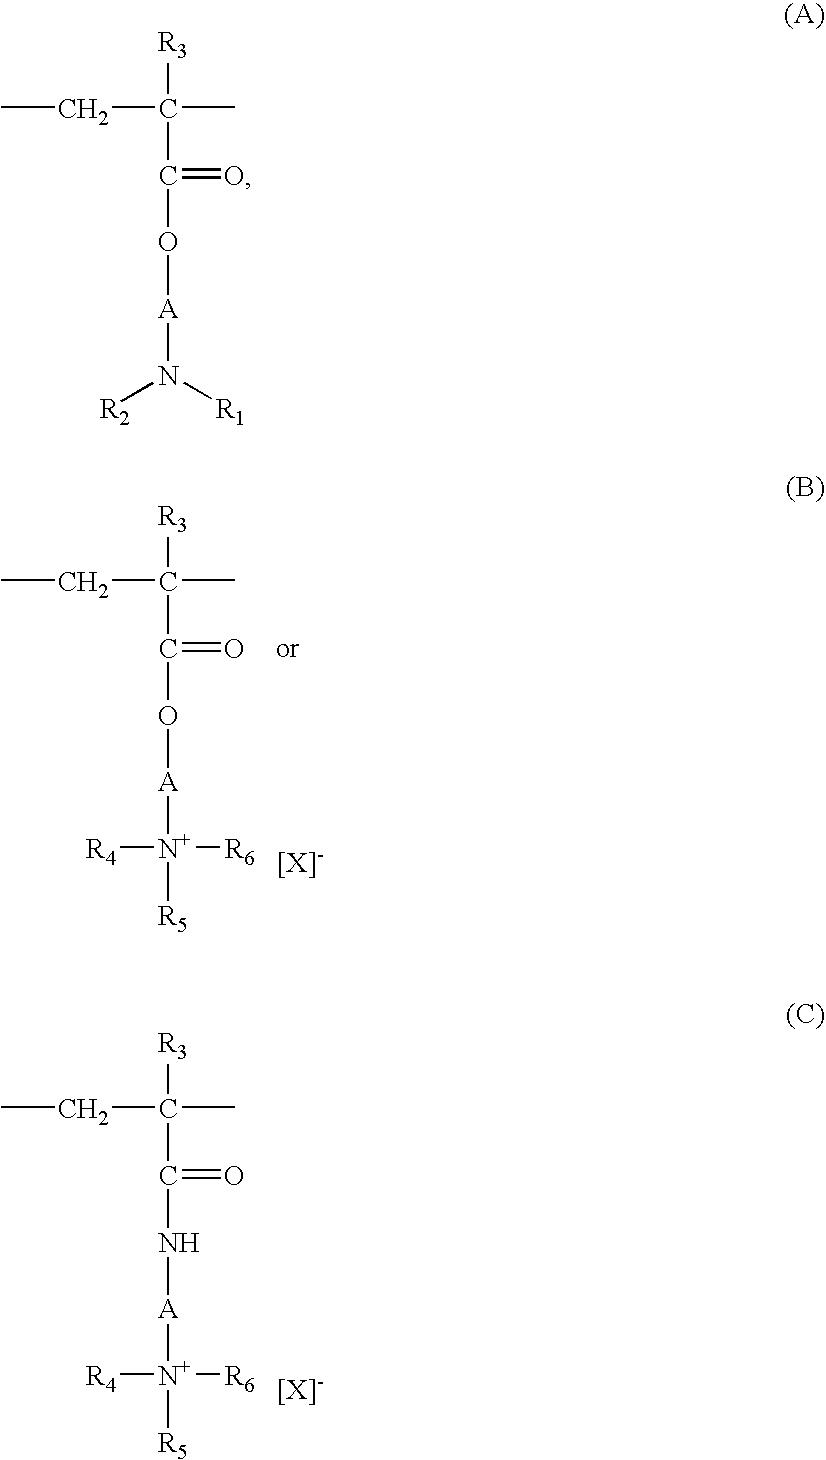 Figure US20060088493A1-20060427-C00001